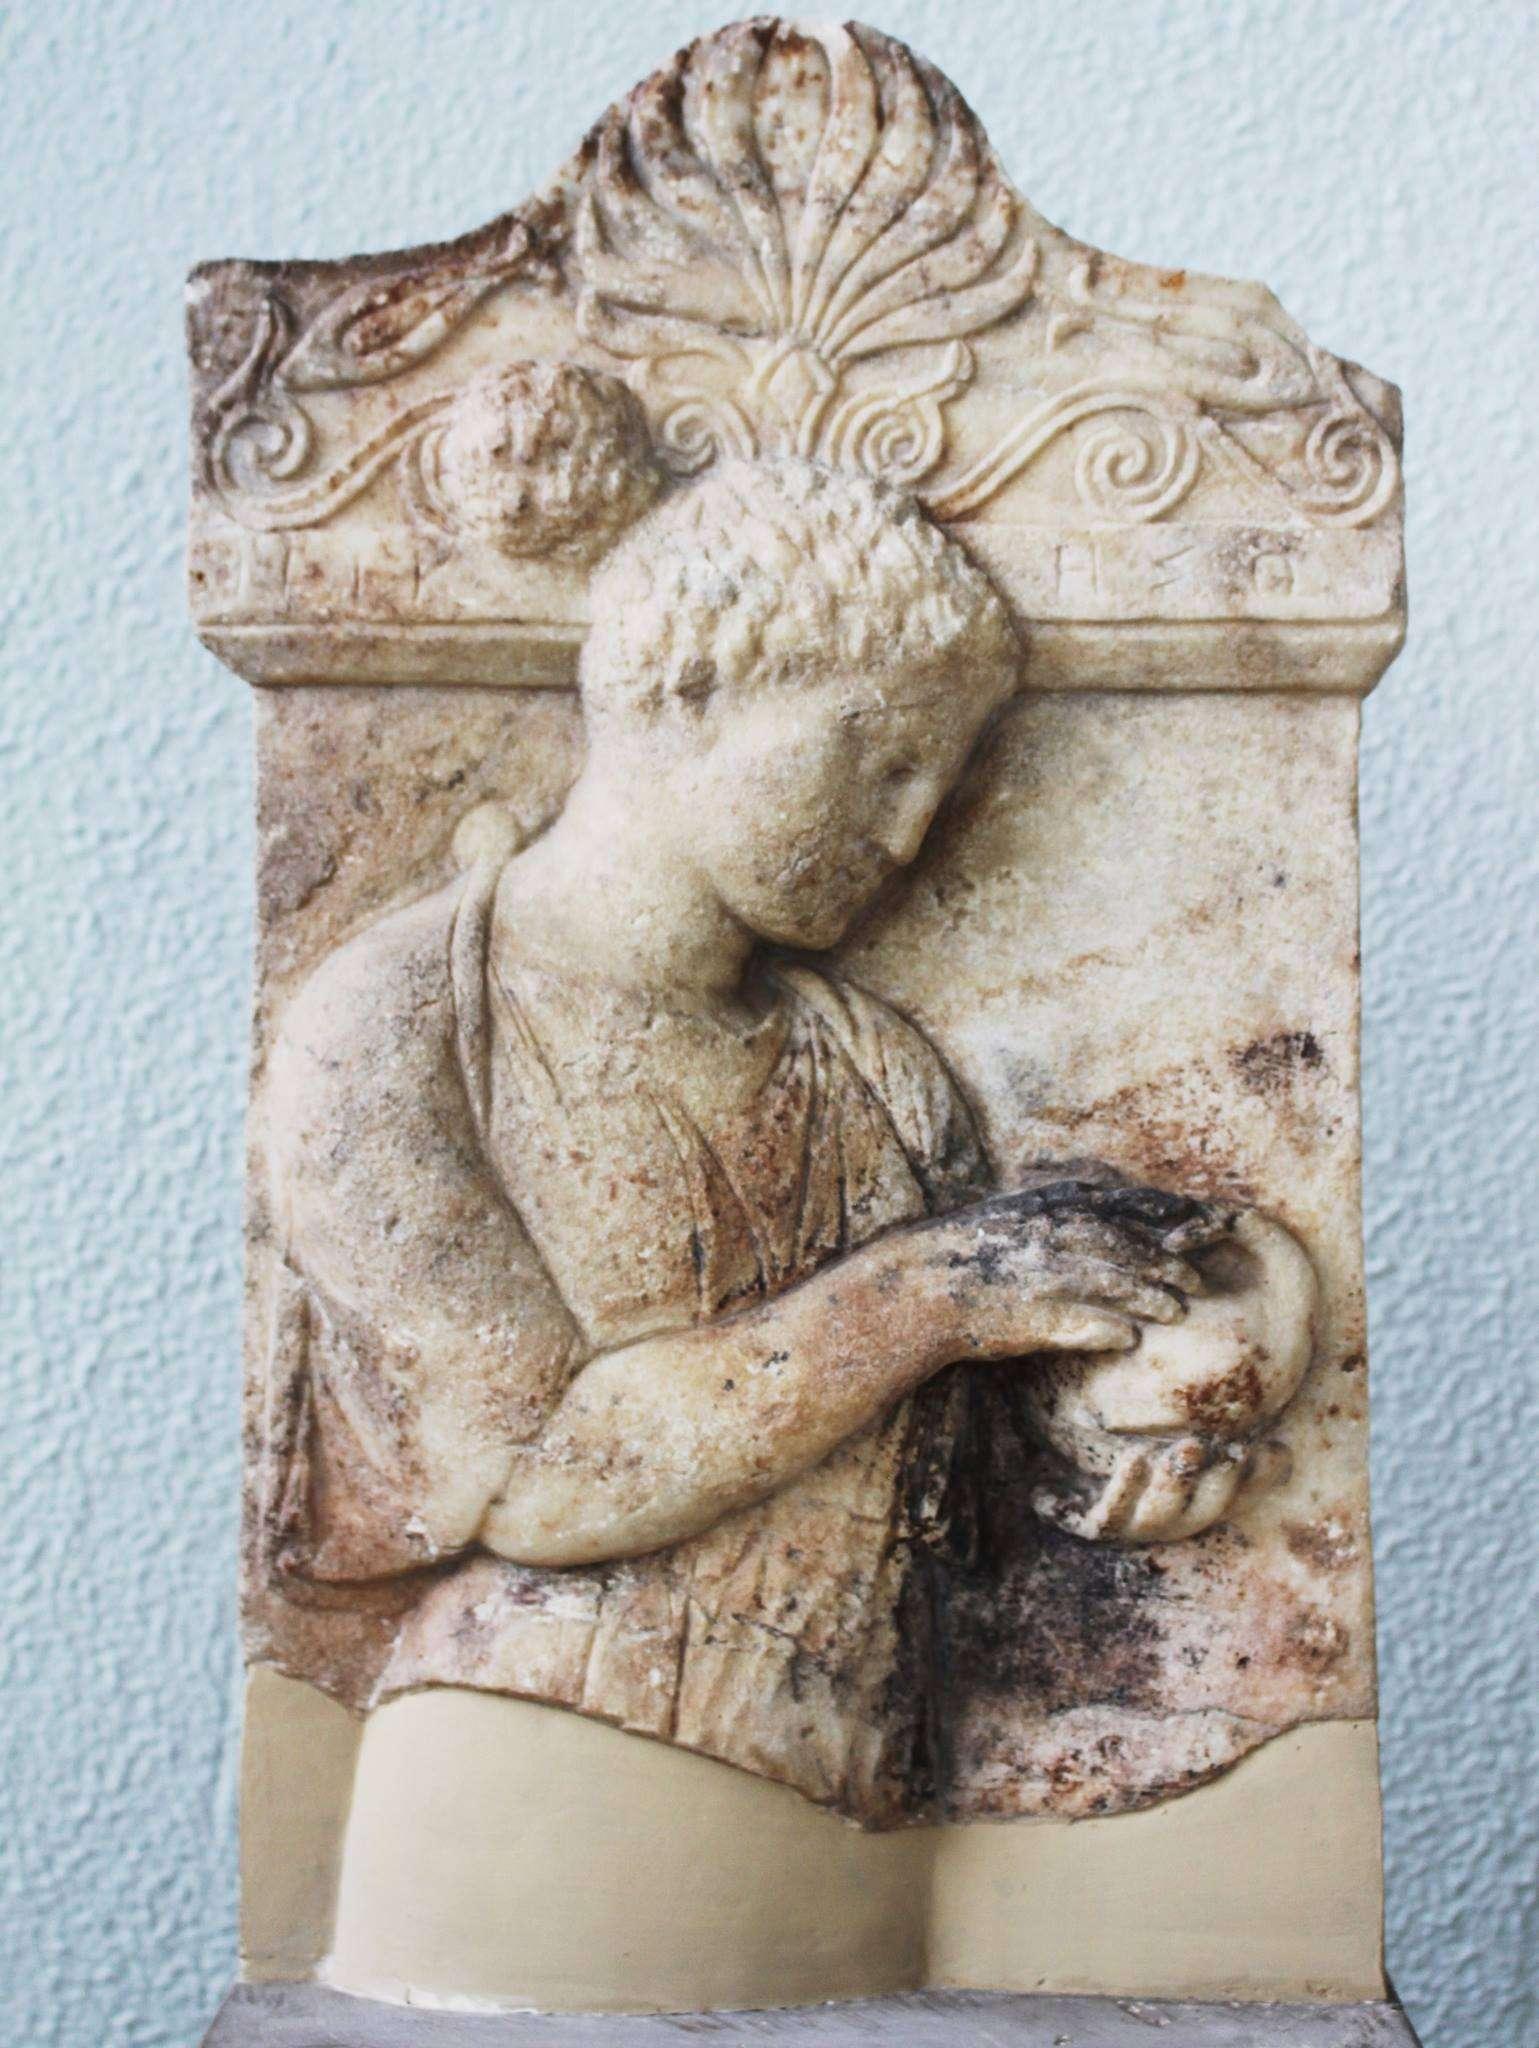 ΝΙΚΗΣΩ Επιτύμβια στήλη νέας γυναίκας που κρατάει με τα δυό χέρια της ένα πουλάκι. Το ονομά της Νικησώ. 425-410 π.Χ. Αρχαιολογικό Μουσείο Πειραιώς NIKESO Grave stele of a young woman holding a bird in her hands. Her name is Nikeso. 425-410 BC.